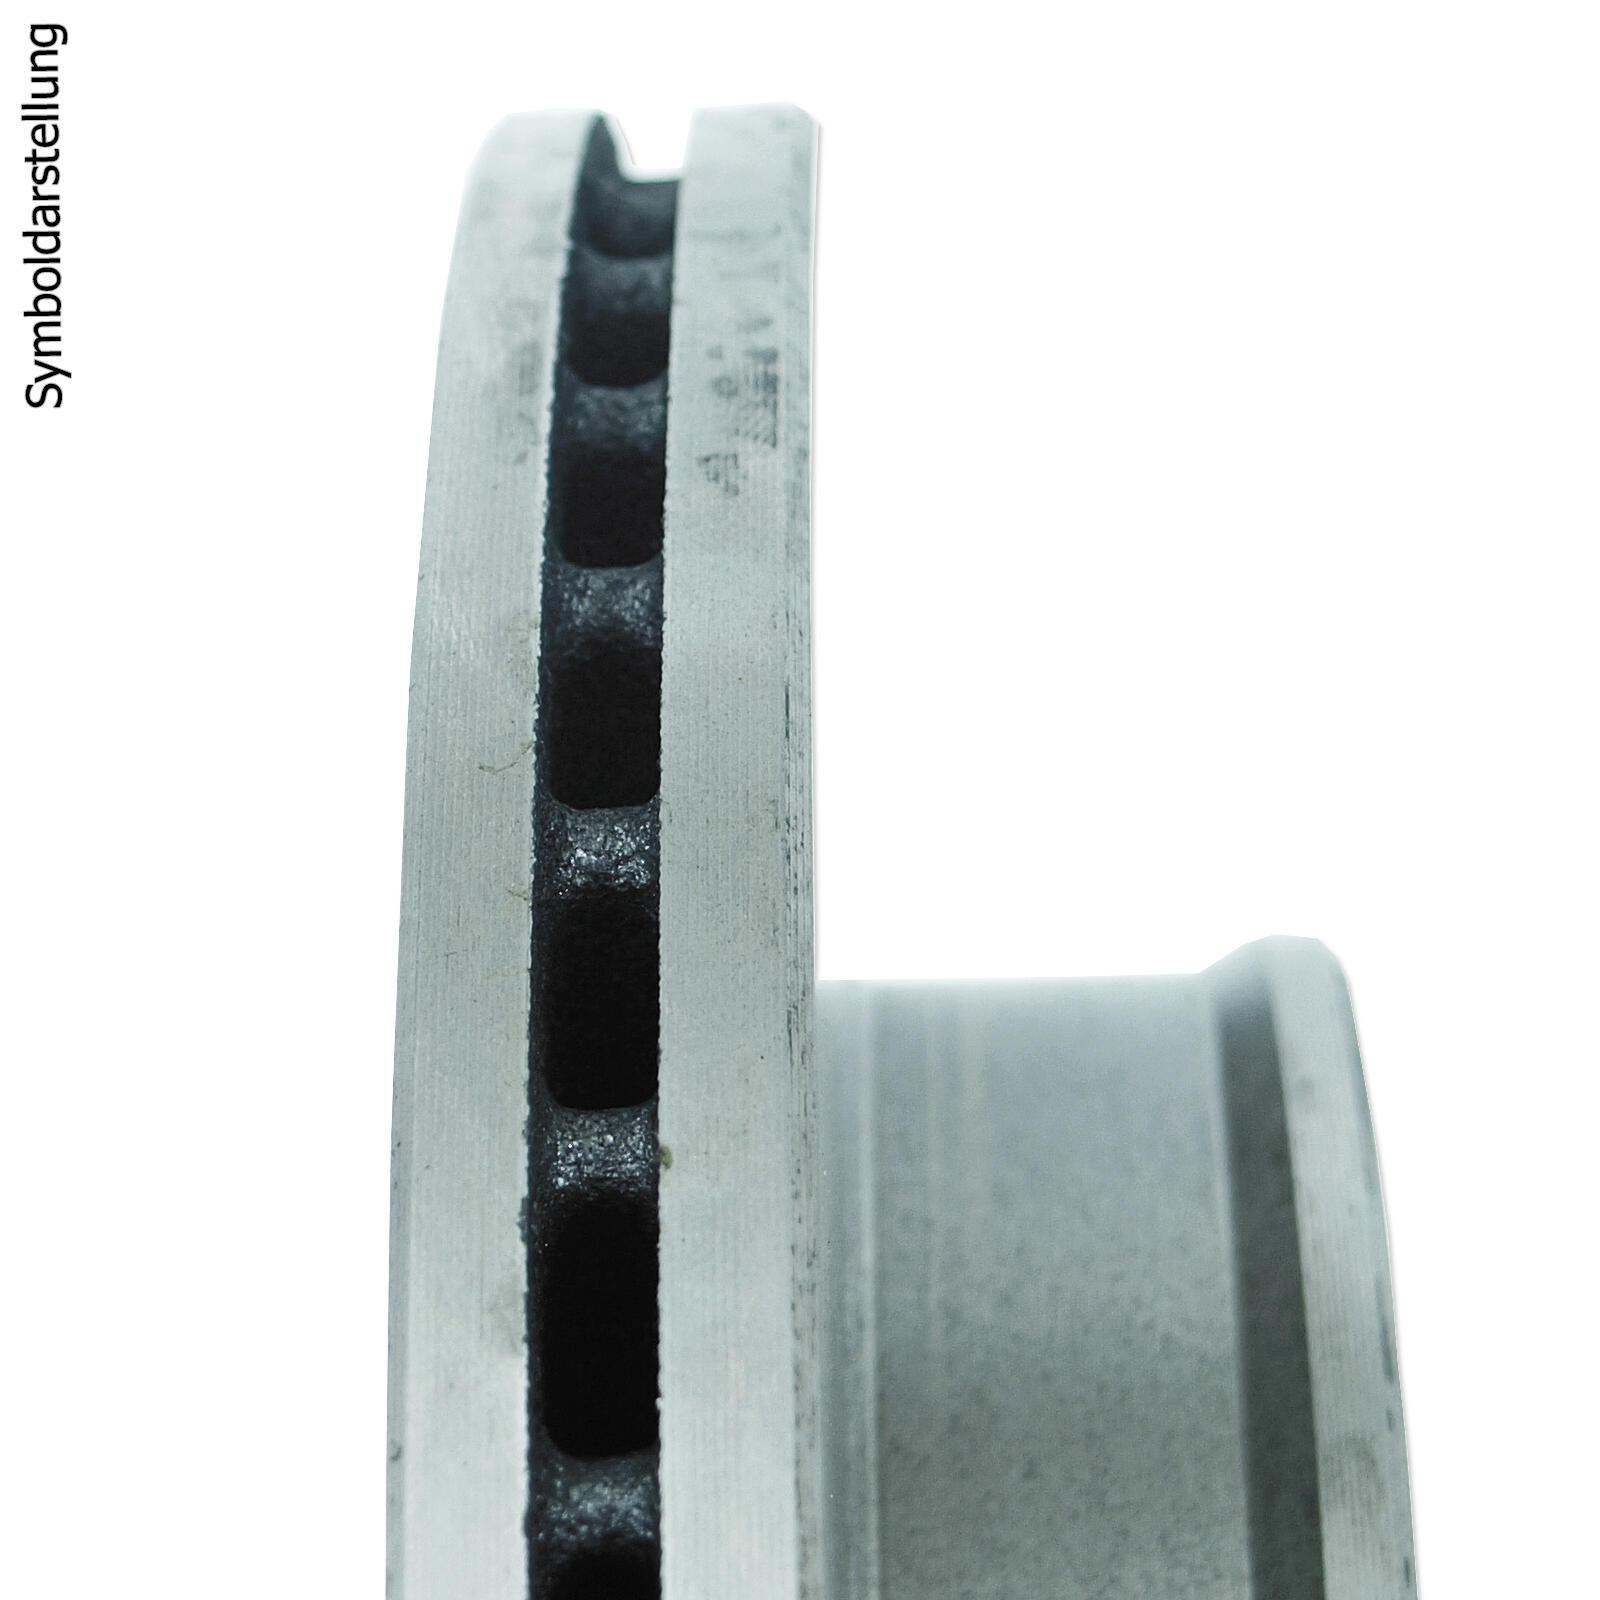 BREMSSCHEIBEN 280mm 5-LOCH + BREMSBELÄGE